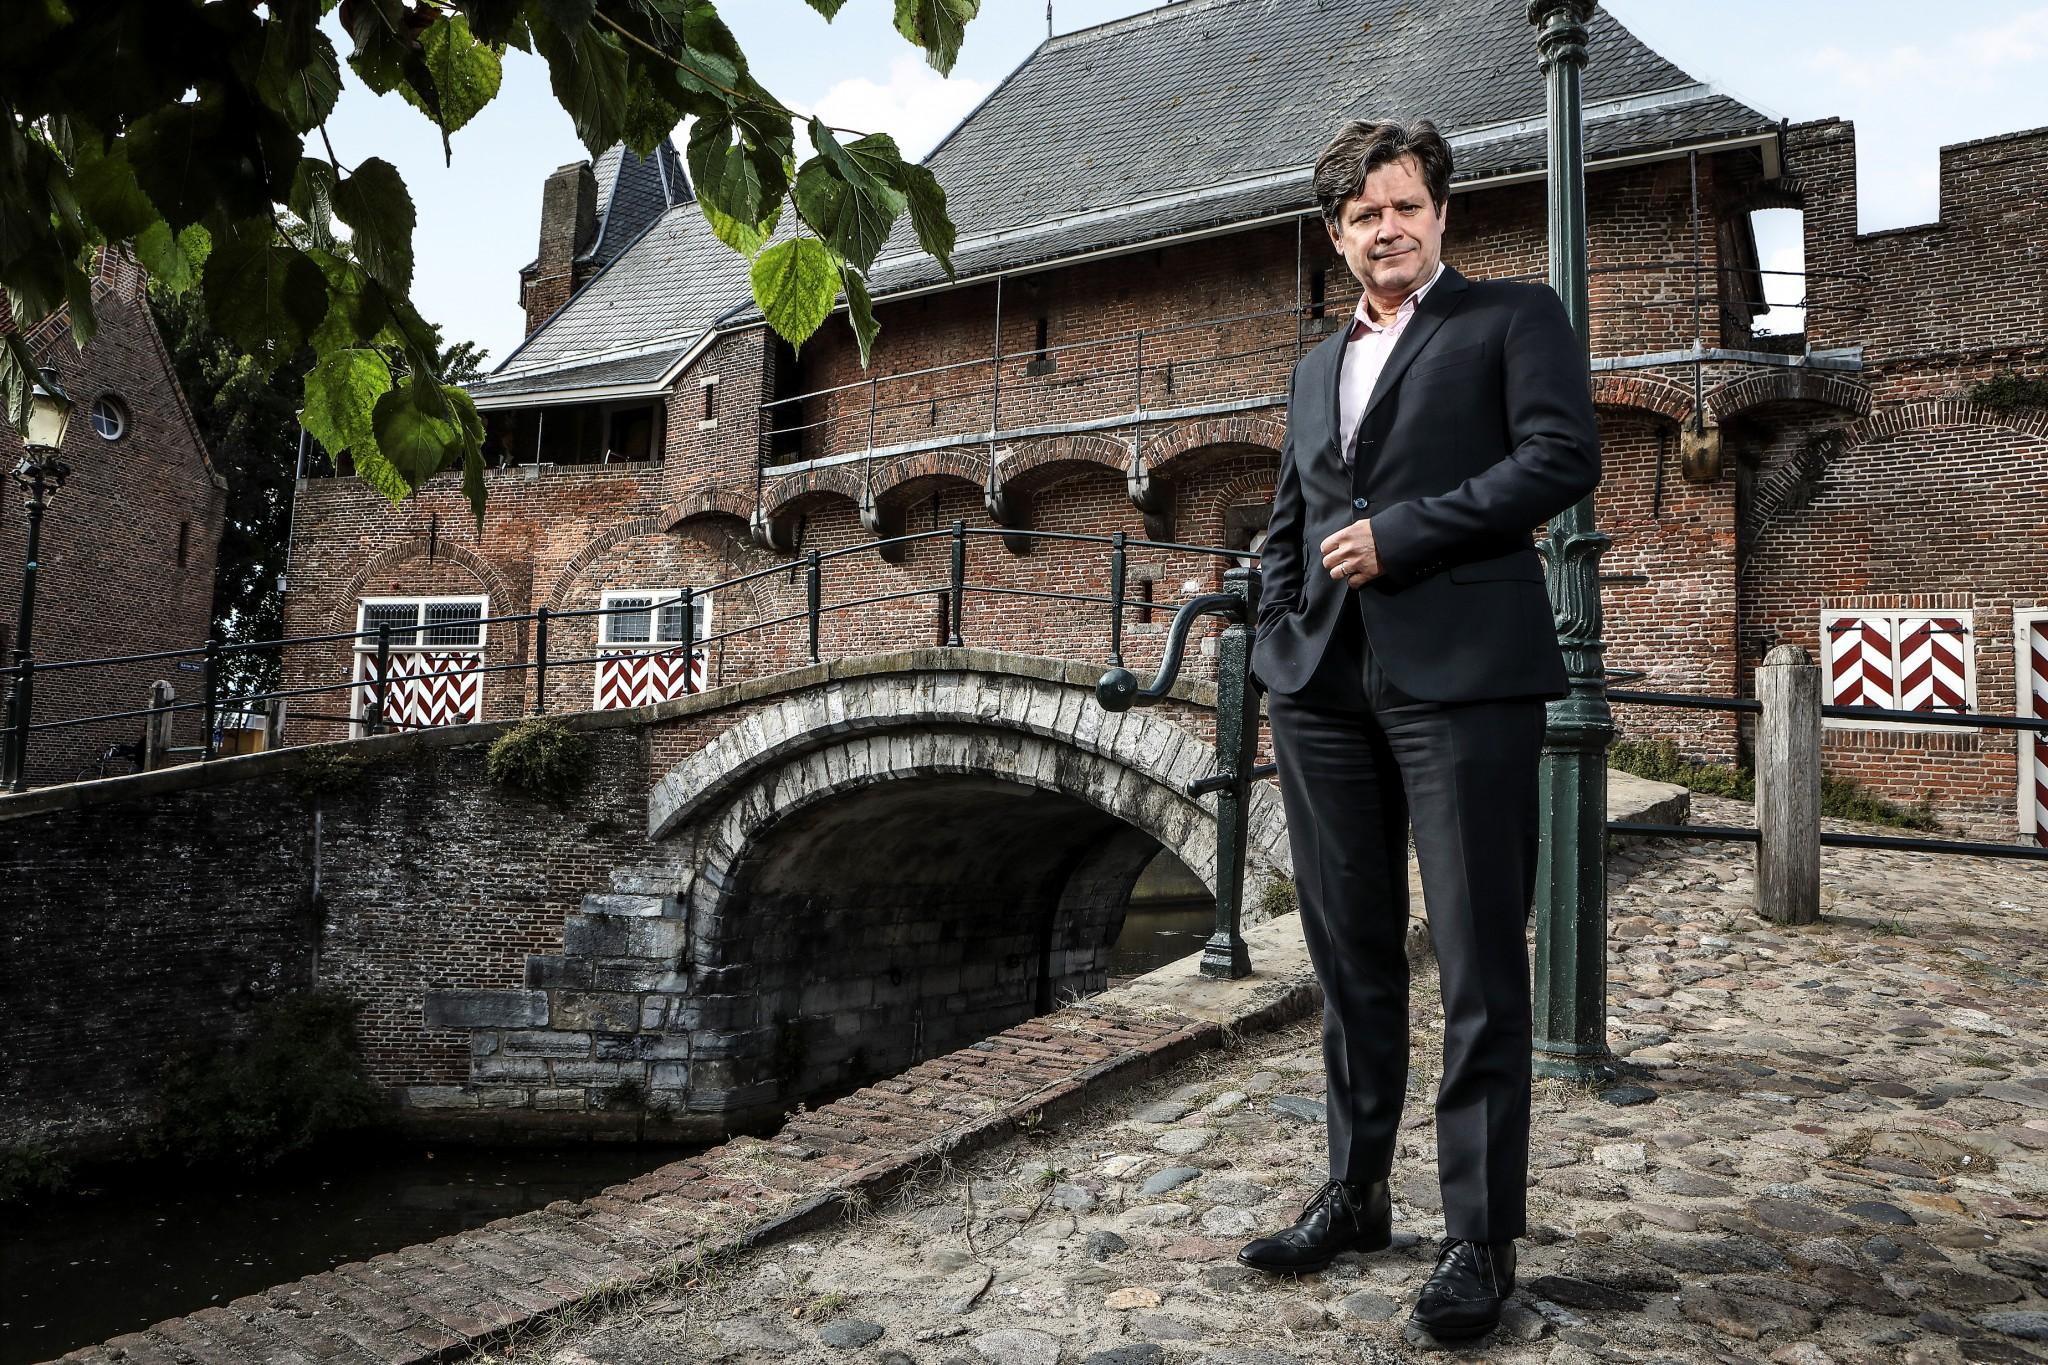 foto-joeke-v-waesberghe-liggend-website